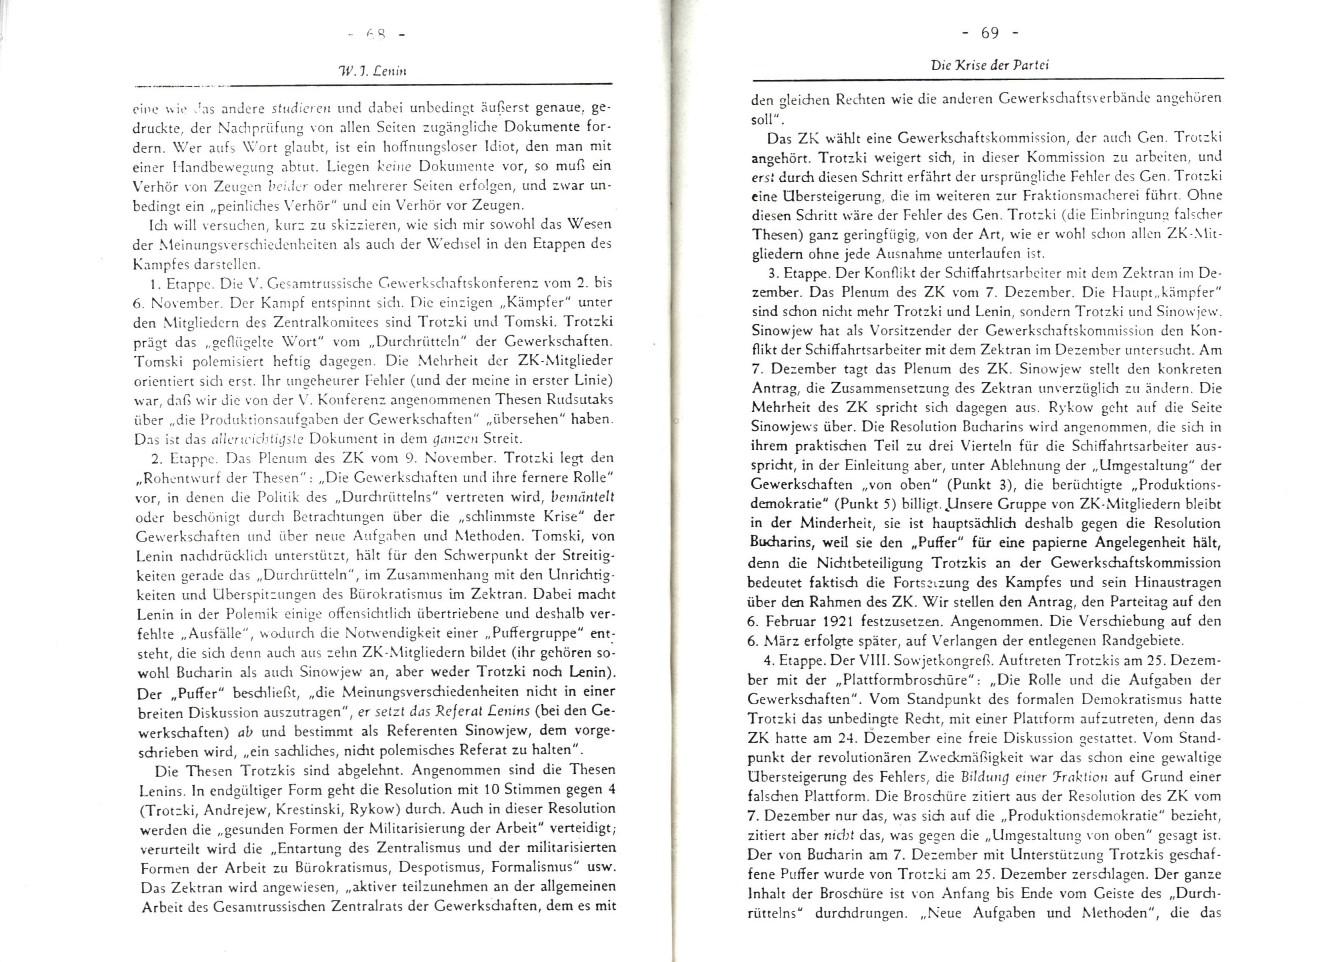 MLSK_Theorie_und_Praxis_des_ML_1979_25_35